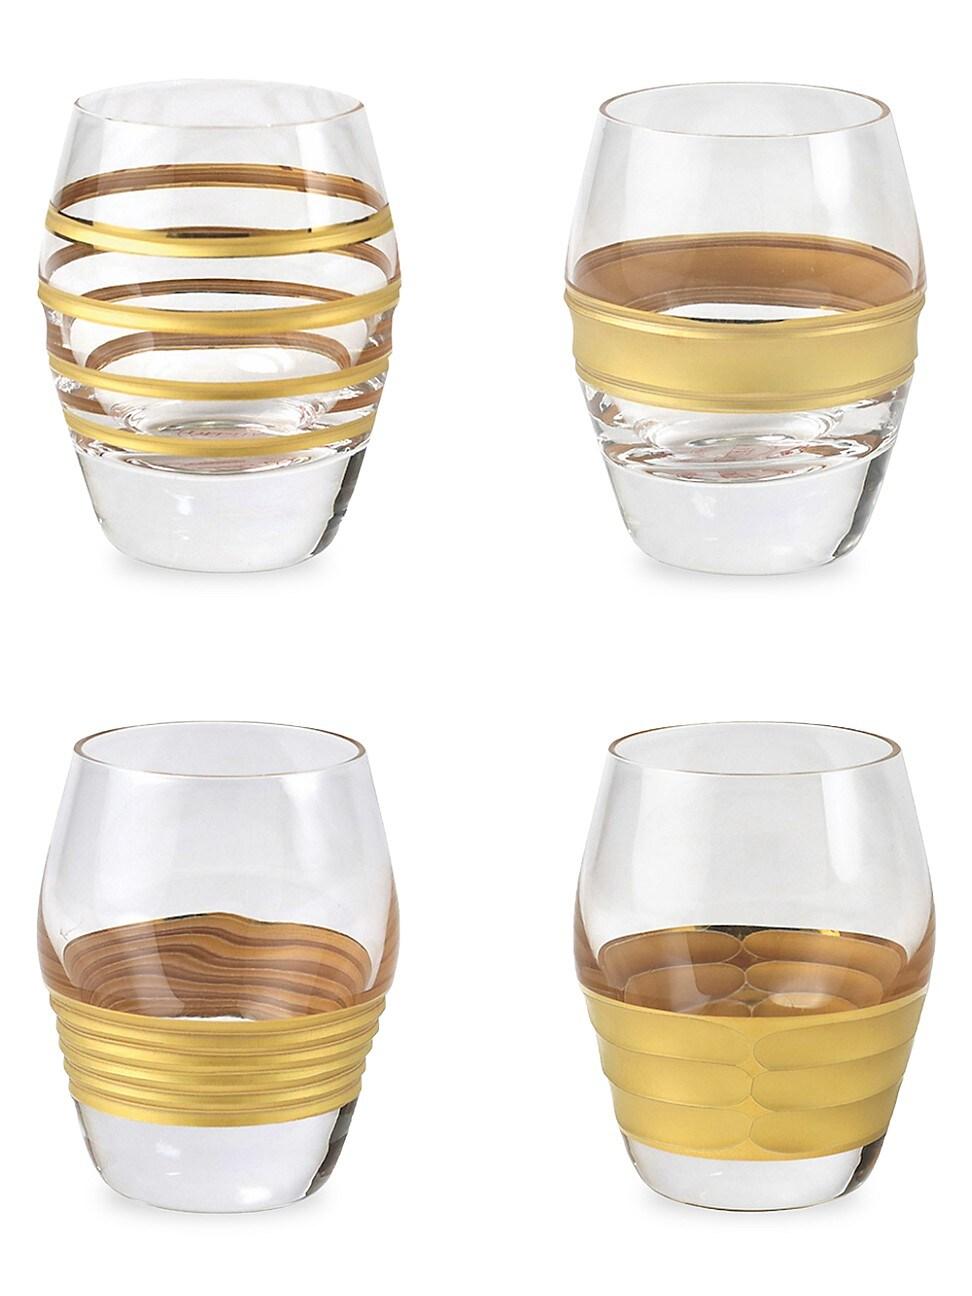 Vietri RAFFAELLO 4-PIECE ASSORTED LIQUOR GLASS SET